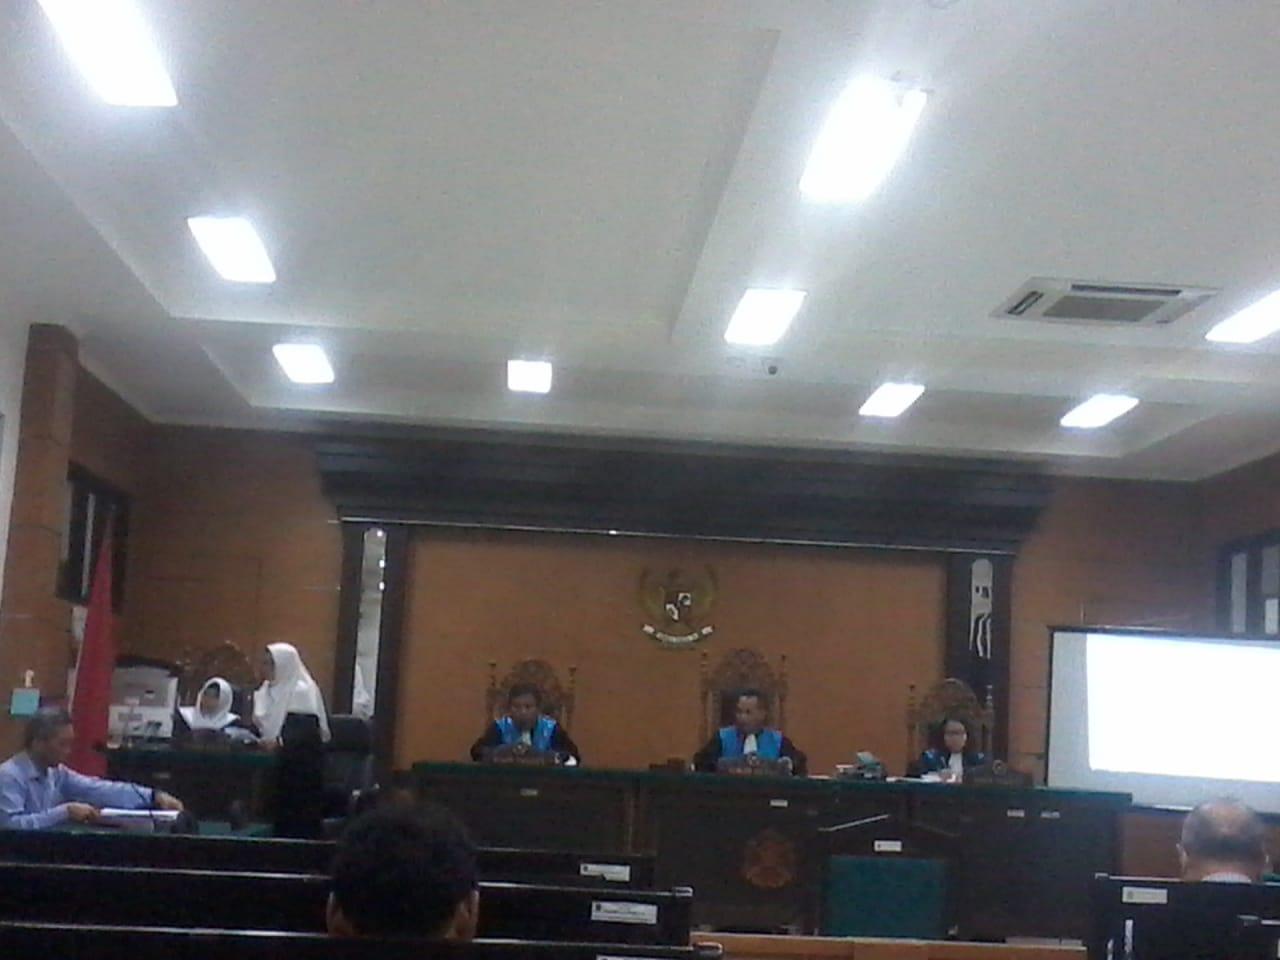 PTUN Banten Putuskan Sidang Sengketa Informasi Publik, Kecamatan Serpong Harus Beri Informasi yang Diminta